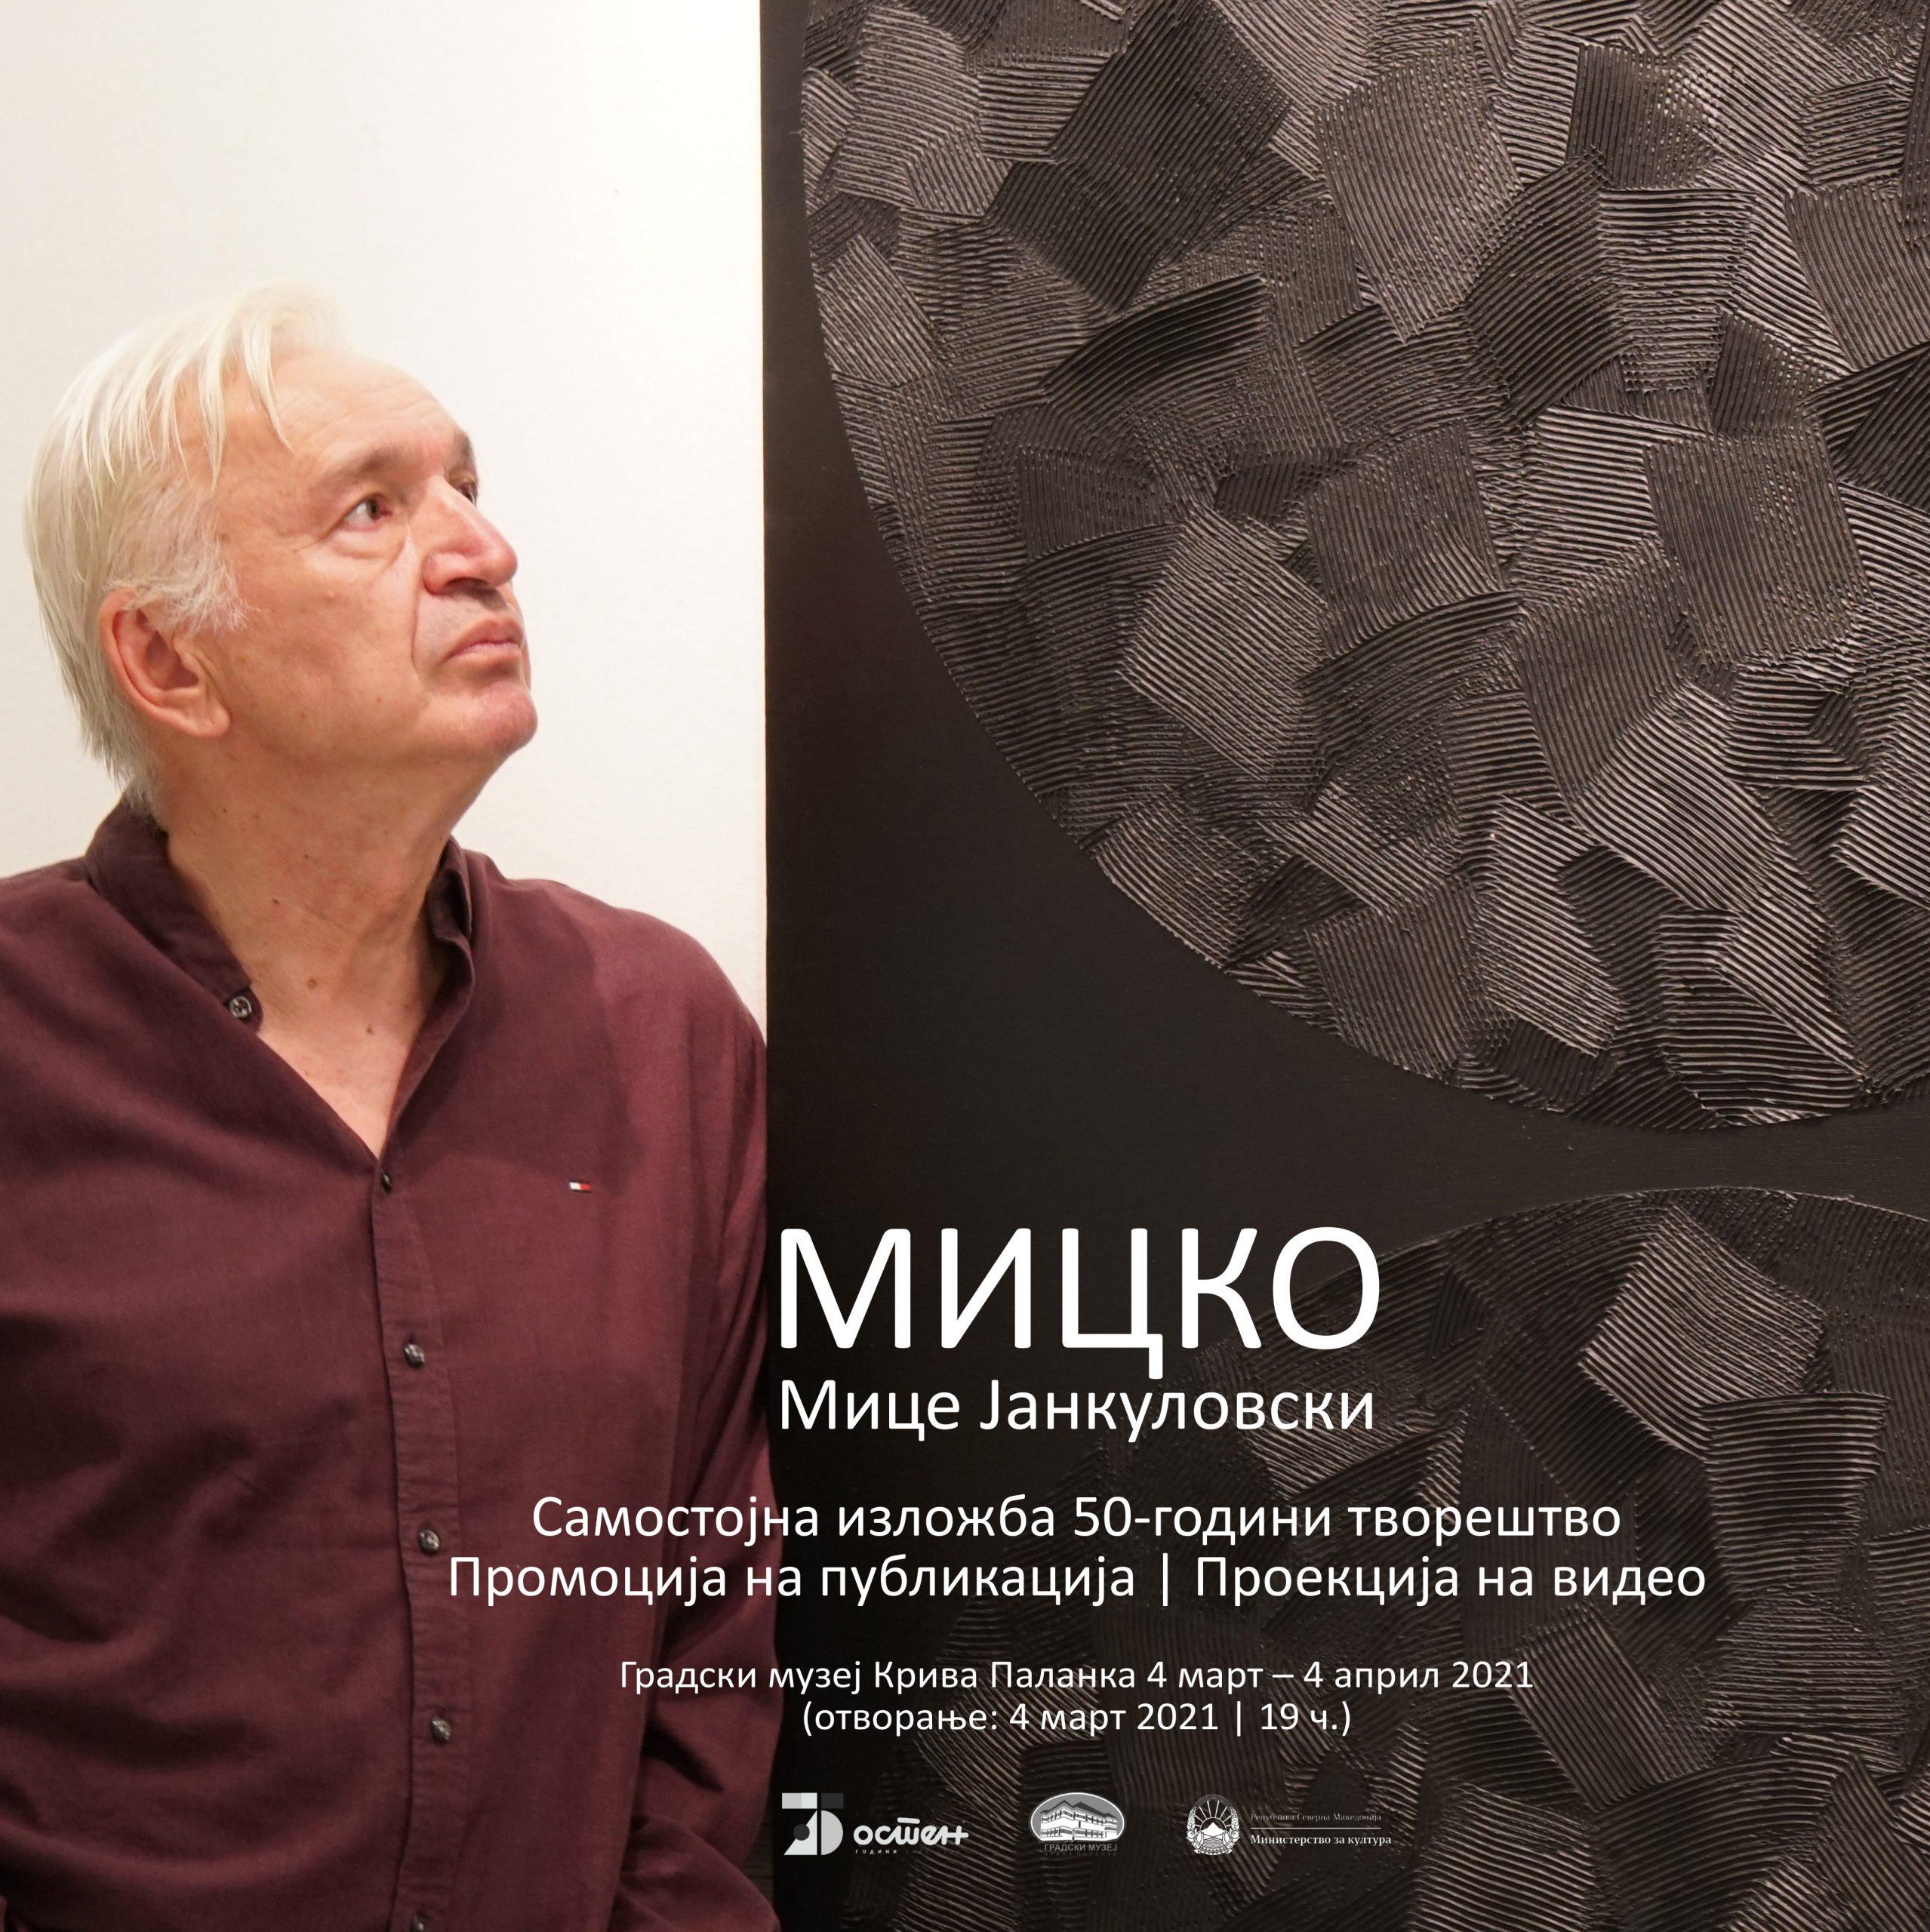 Изложба на дела од Мице Јанкуловски во Градскиот музеј